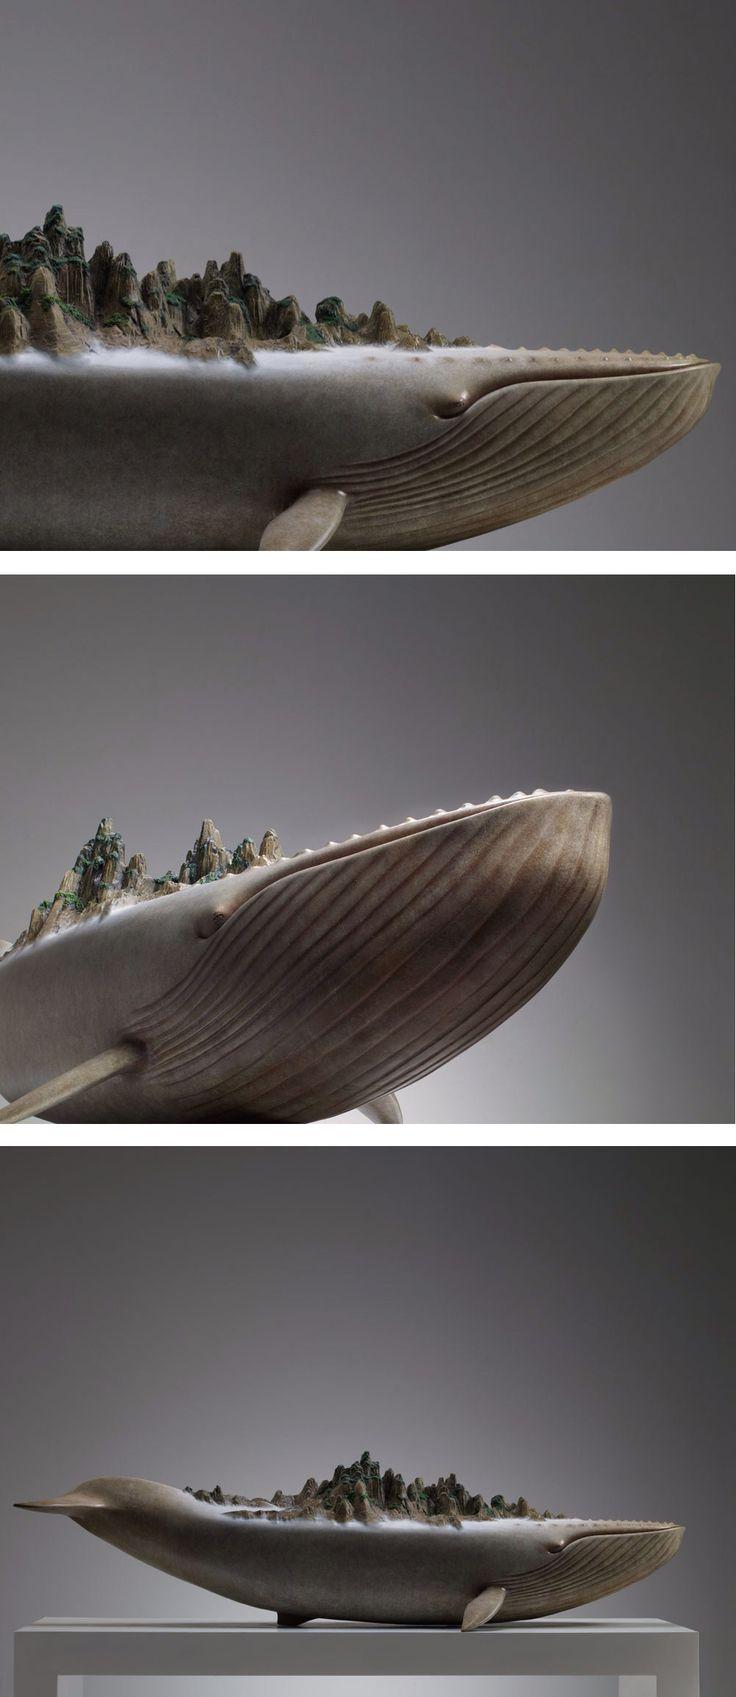 DREAMS Ark II, by Ruilin Wang